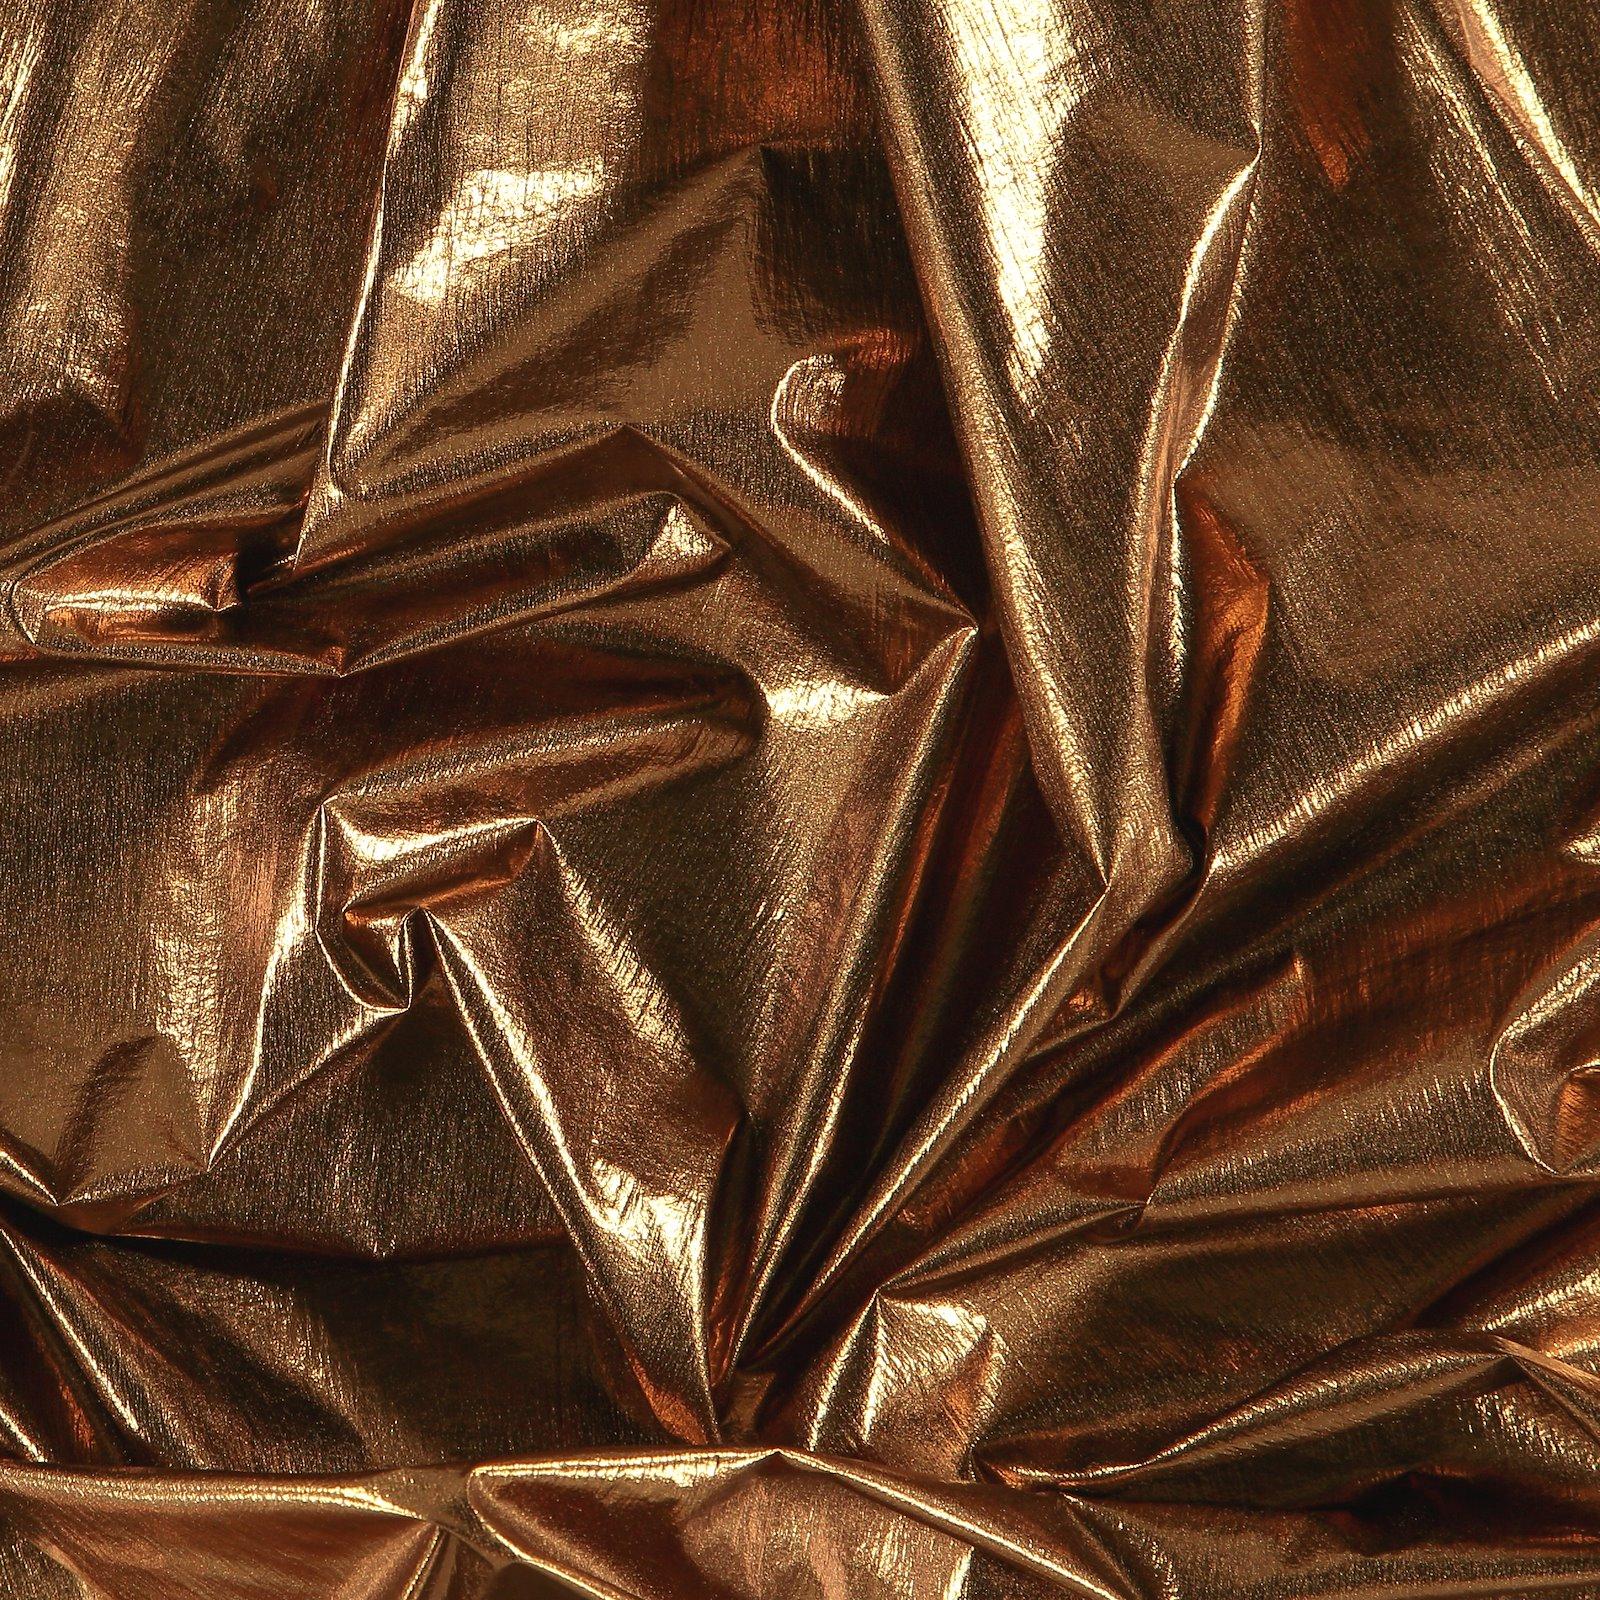 Light woven with dark cobber foil